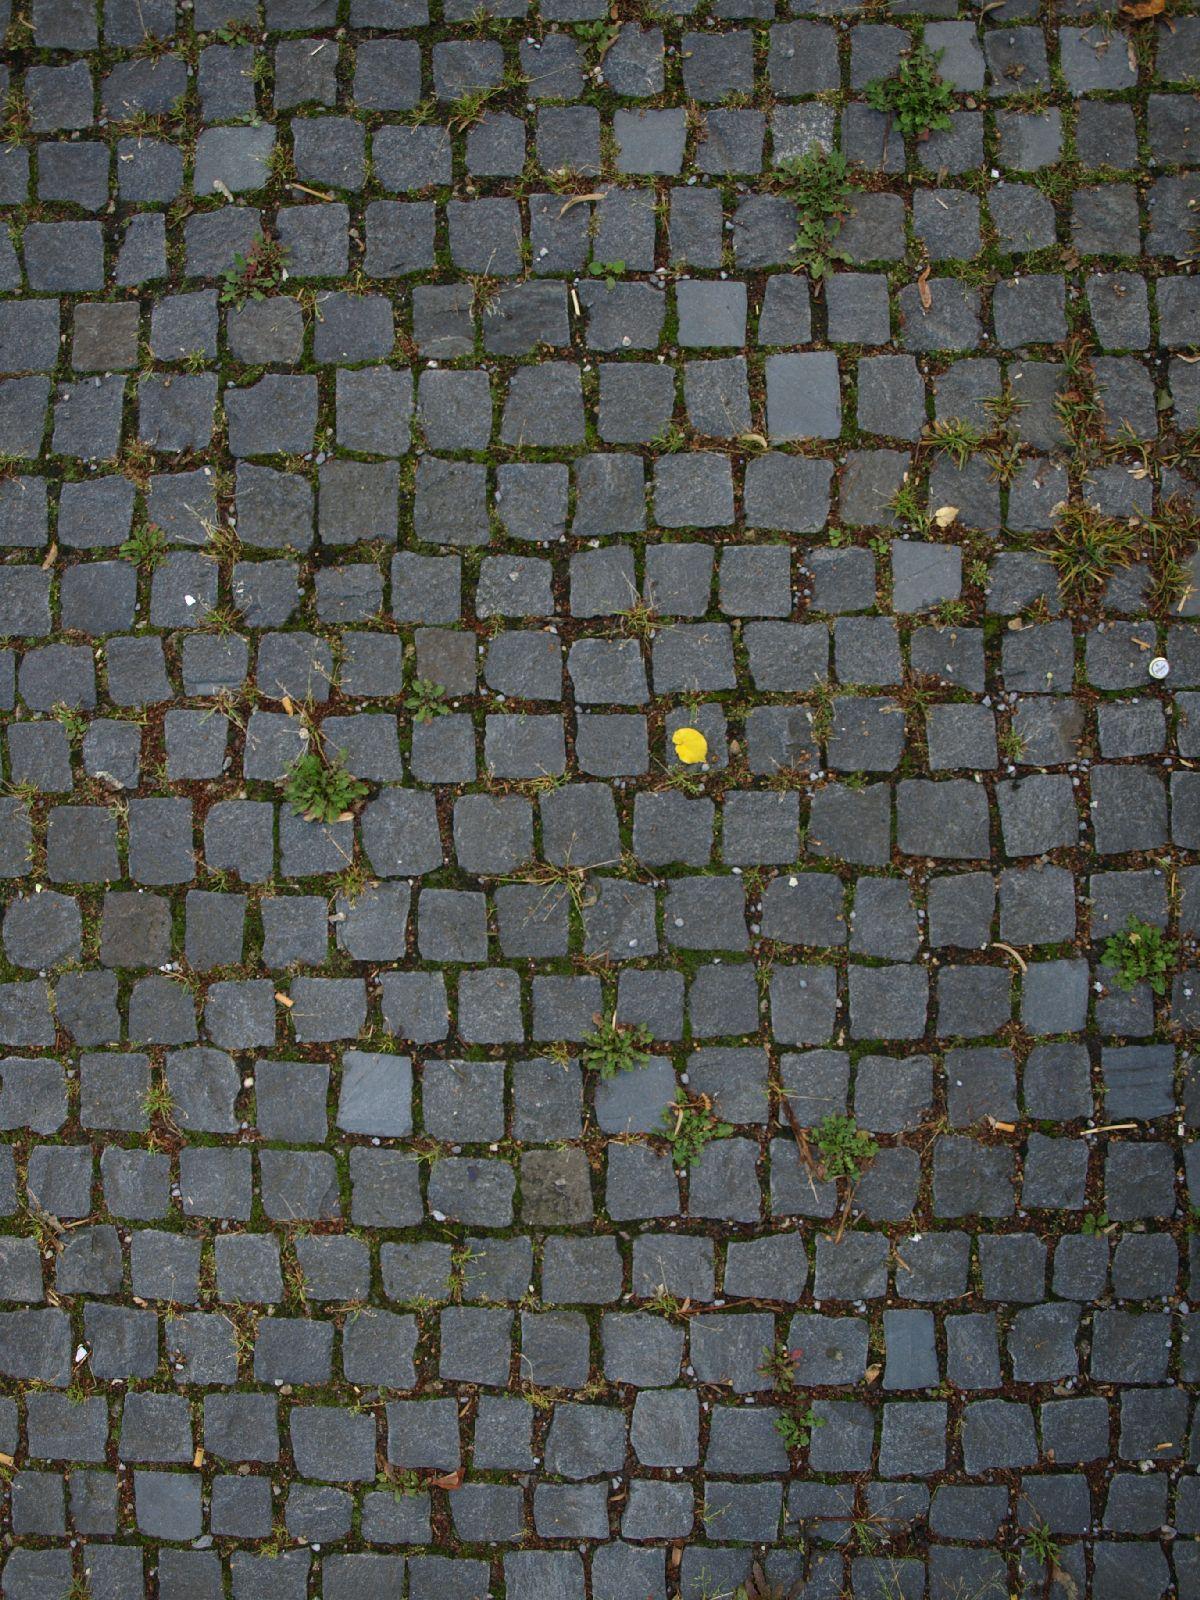 Ground-Urban_Texture_A_P8234590